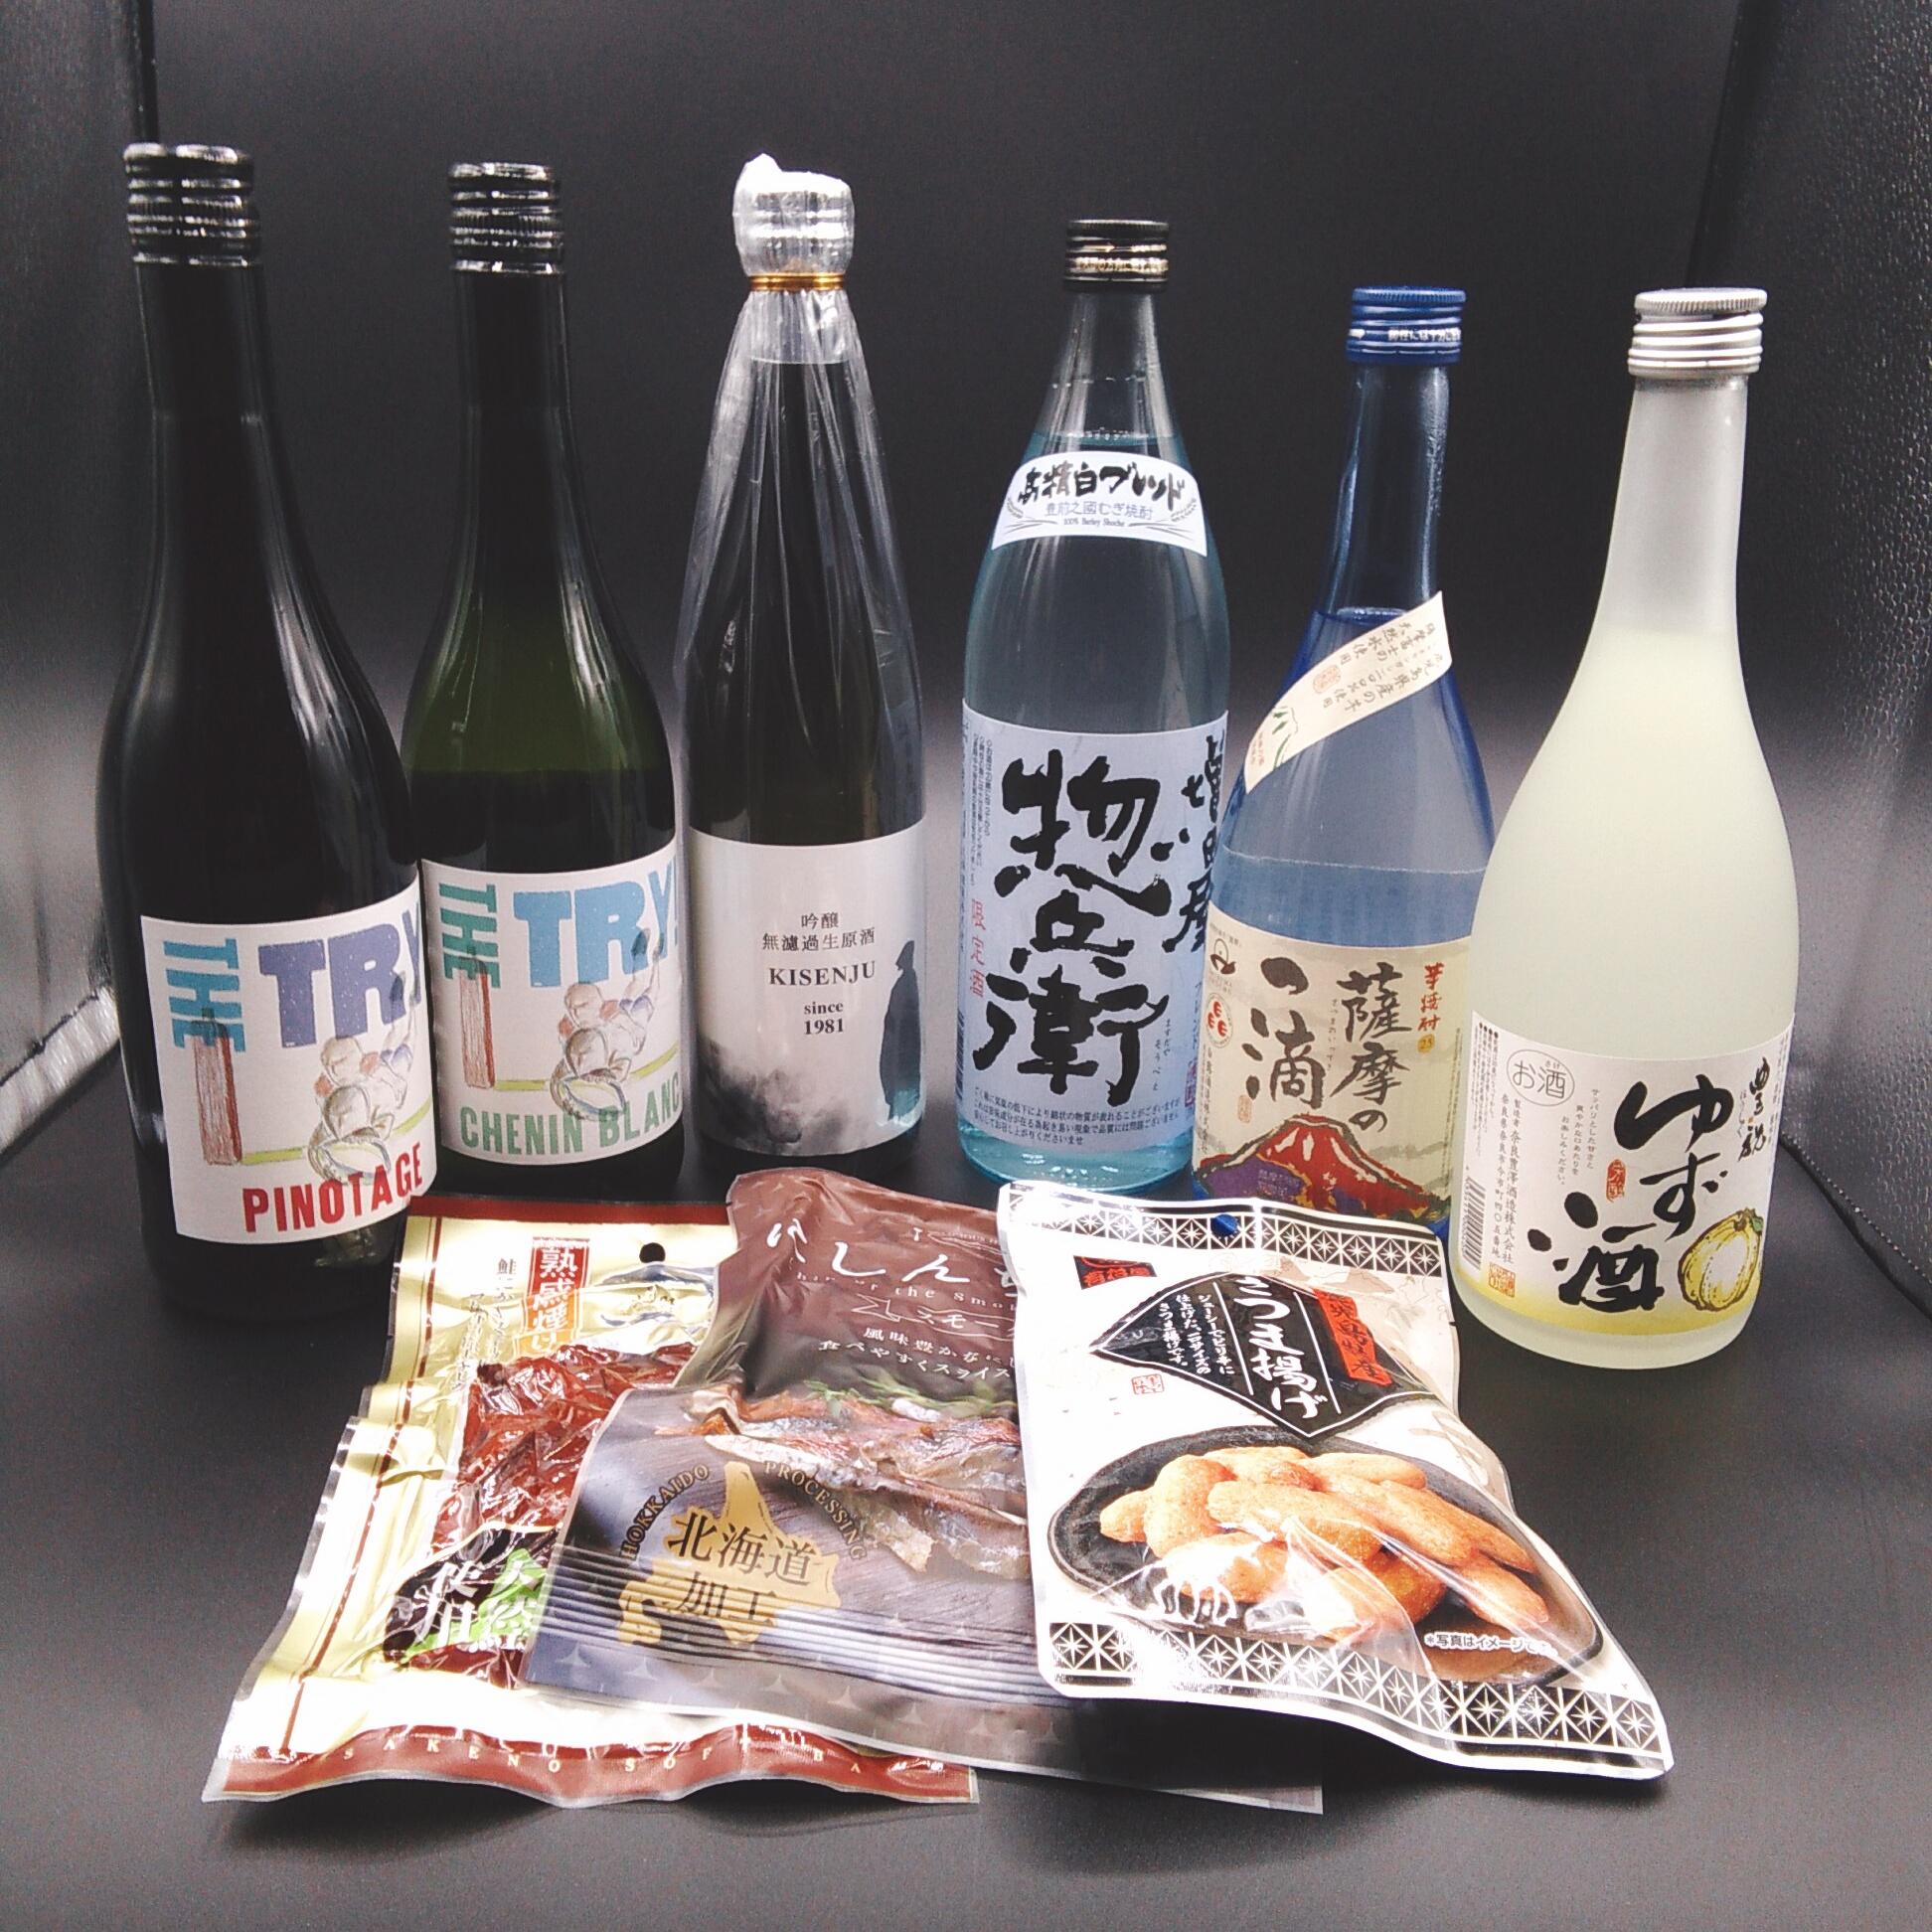 1月18日 限定販売家飲み応援企画 増田家スターターセット販売開始